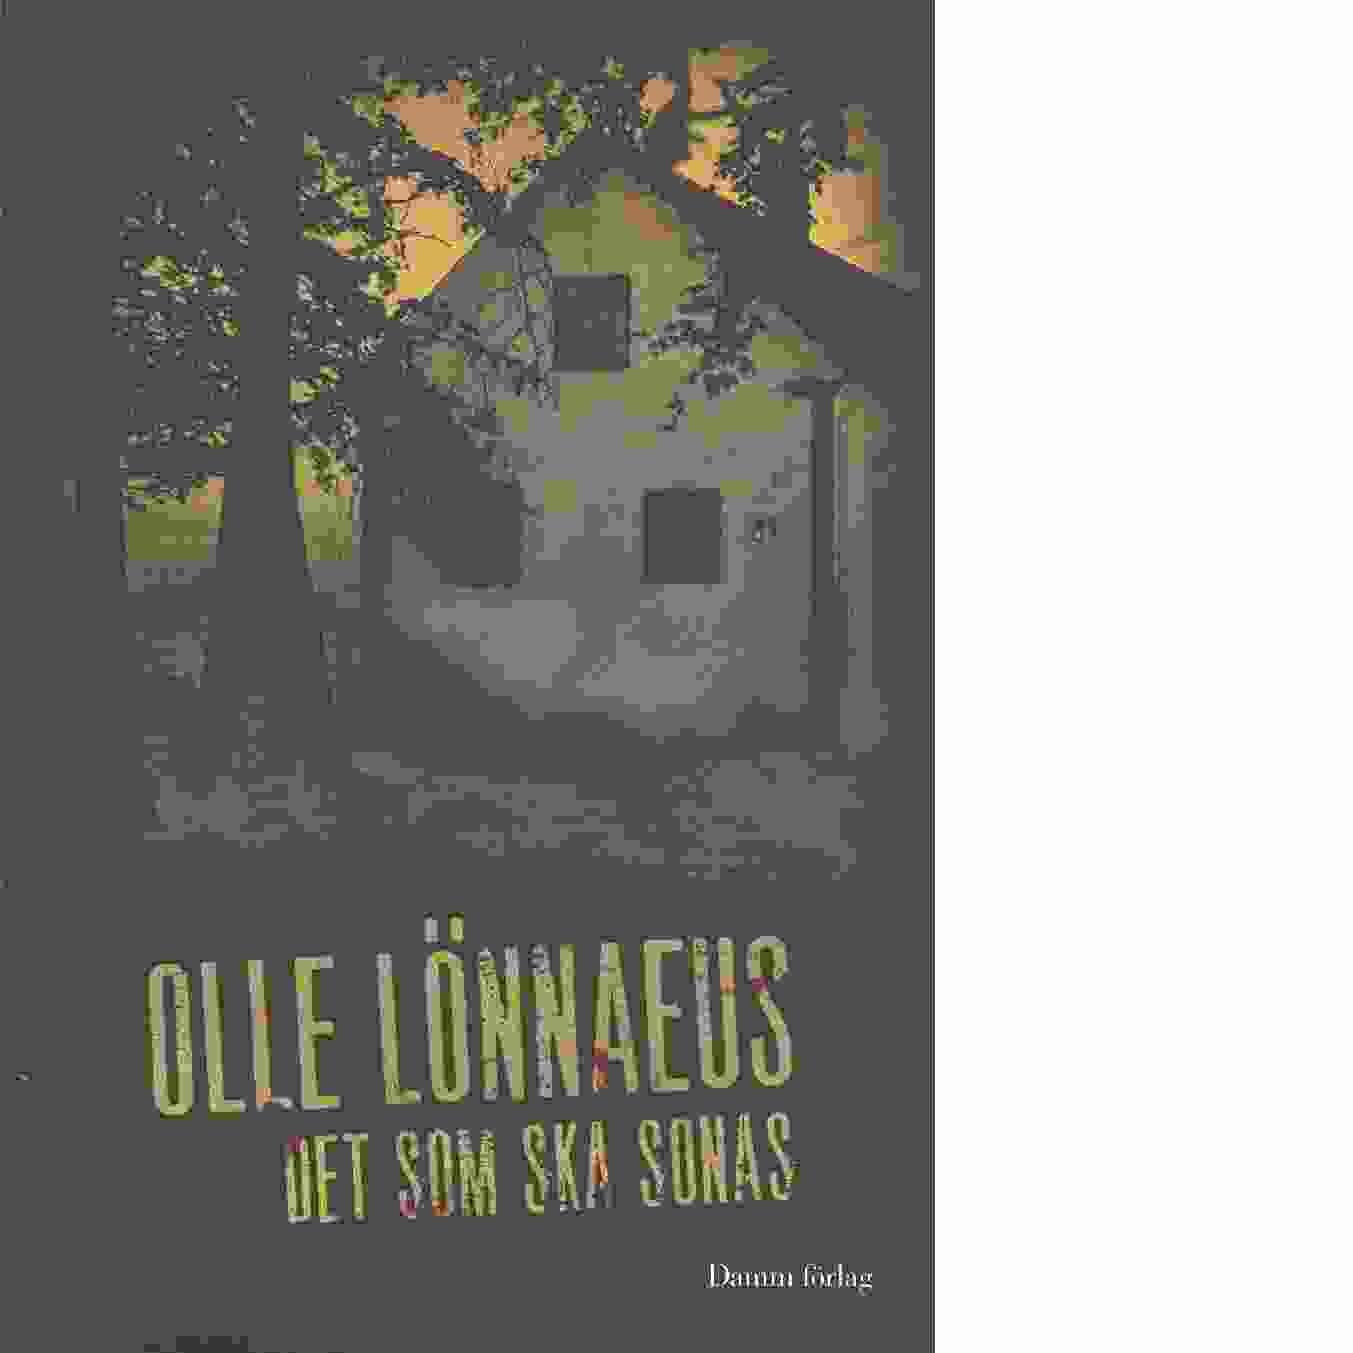 Det som ska sonas - Lönnaeus, Olle